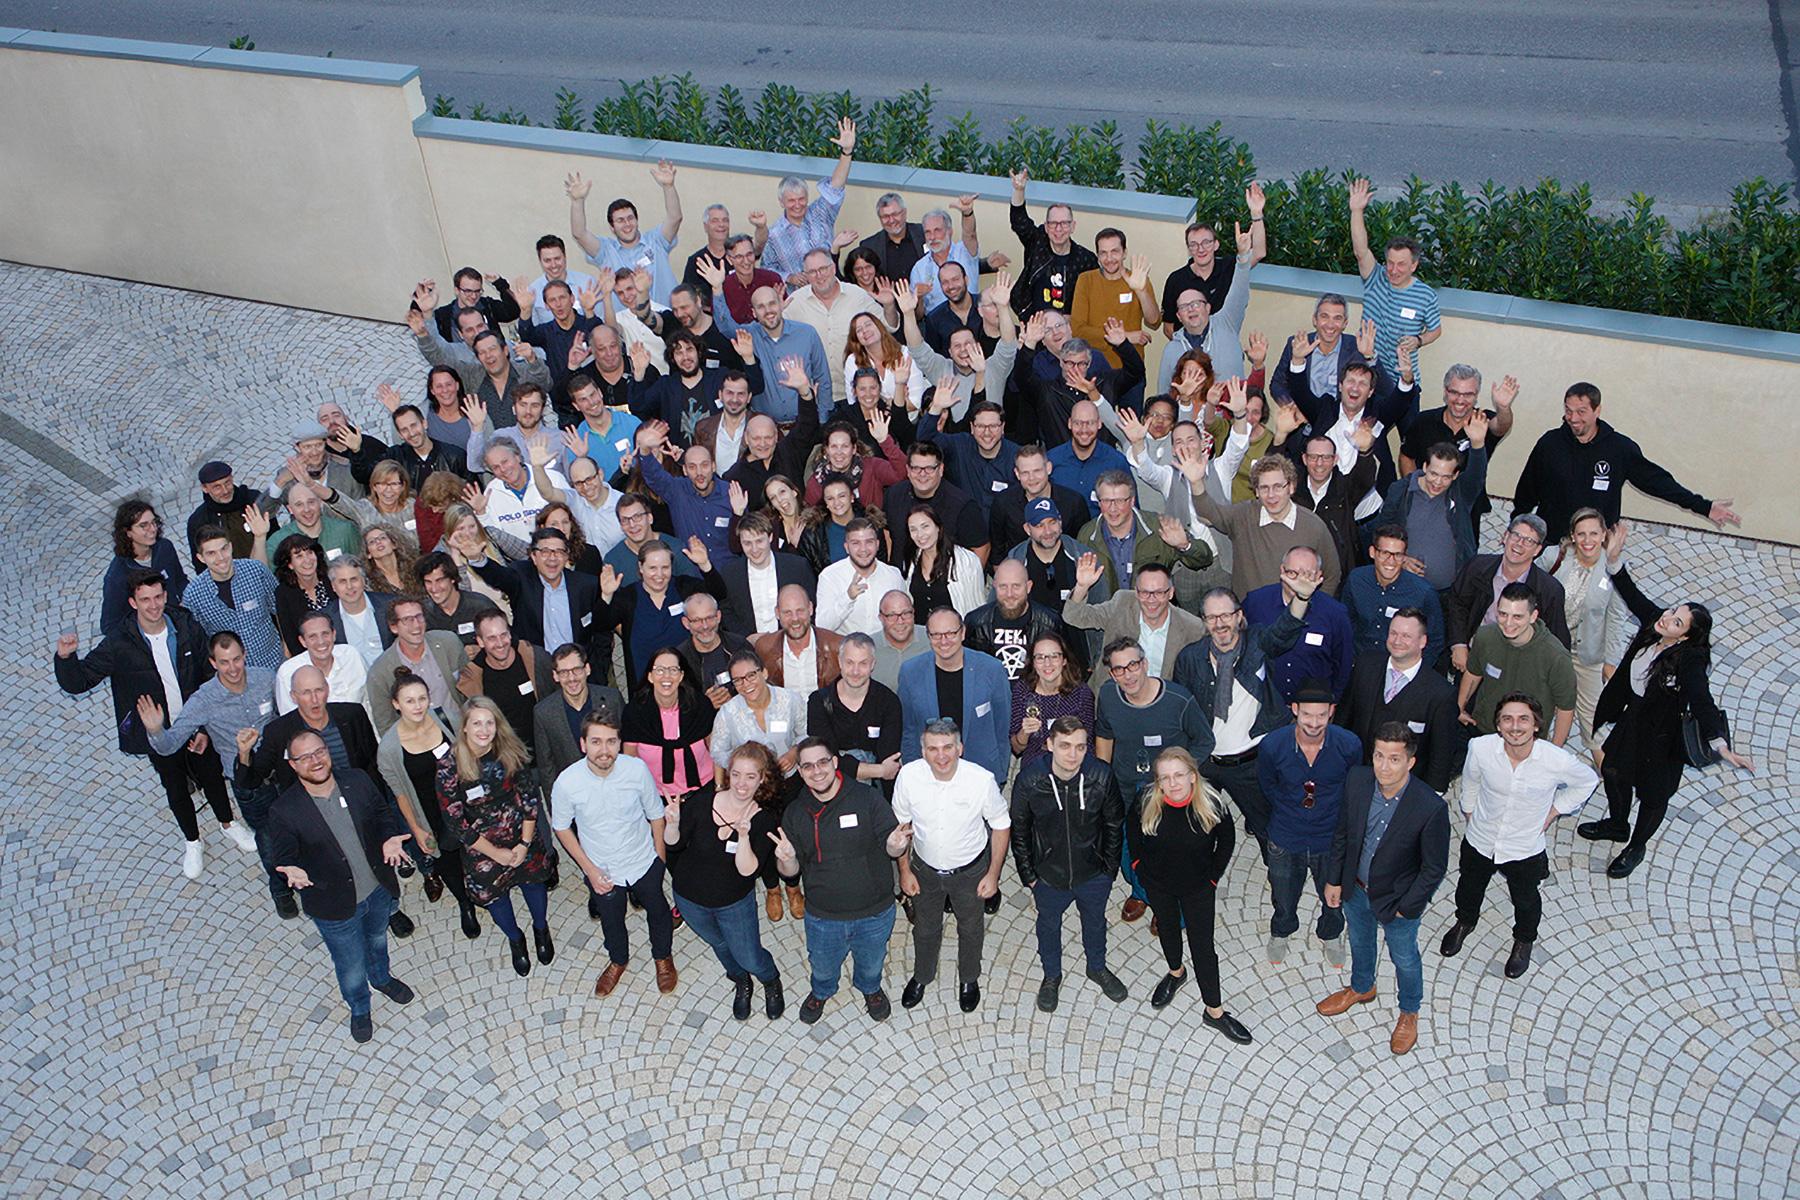 ComputerWorks_GmbH-Mitarbeiter-Herbst-2019-KickOff